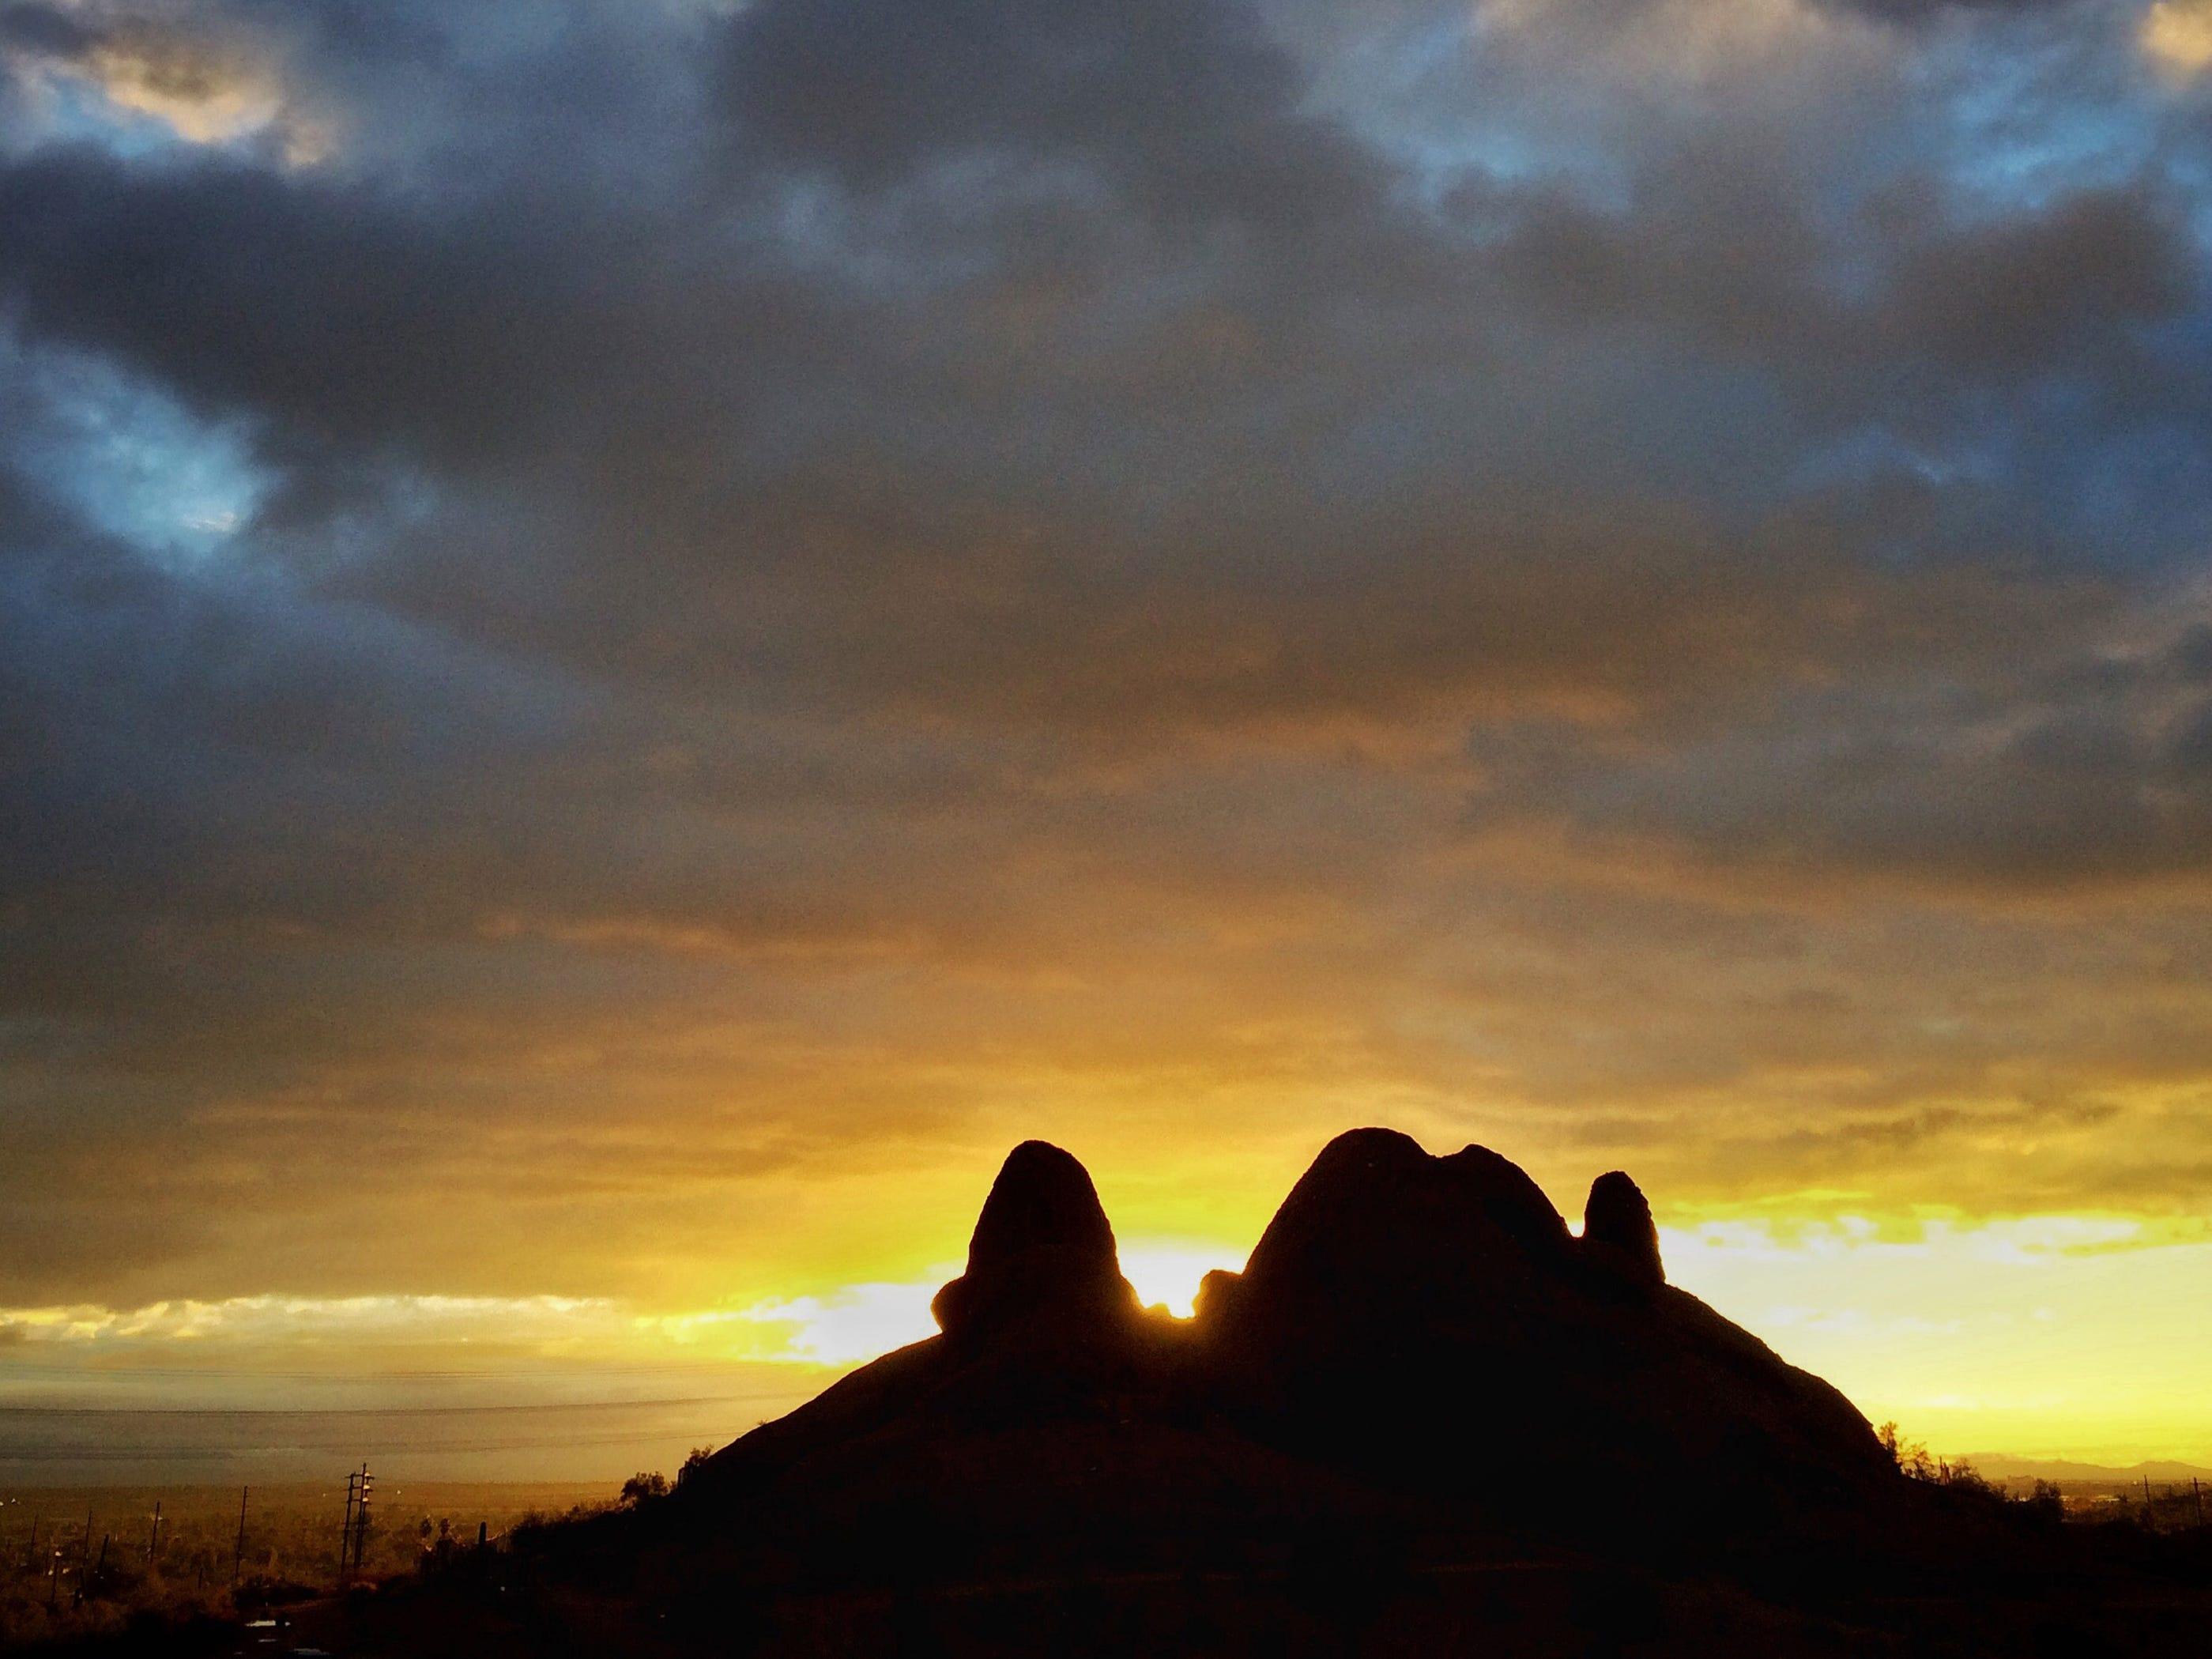 The sun rises at Papago Park after a rainy night.